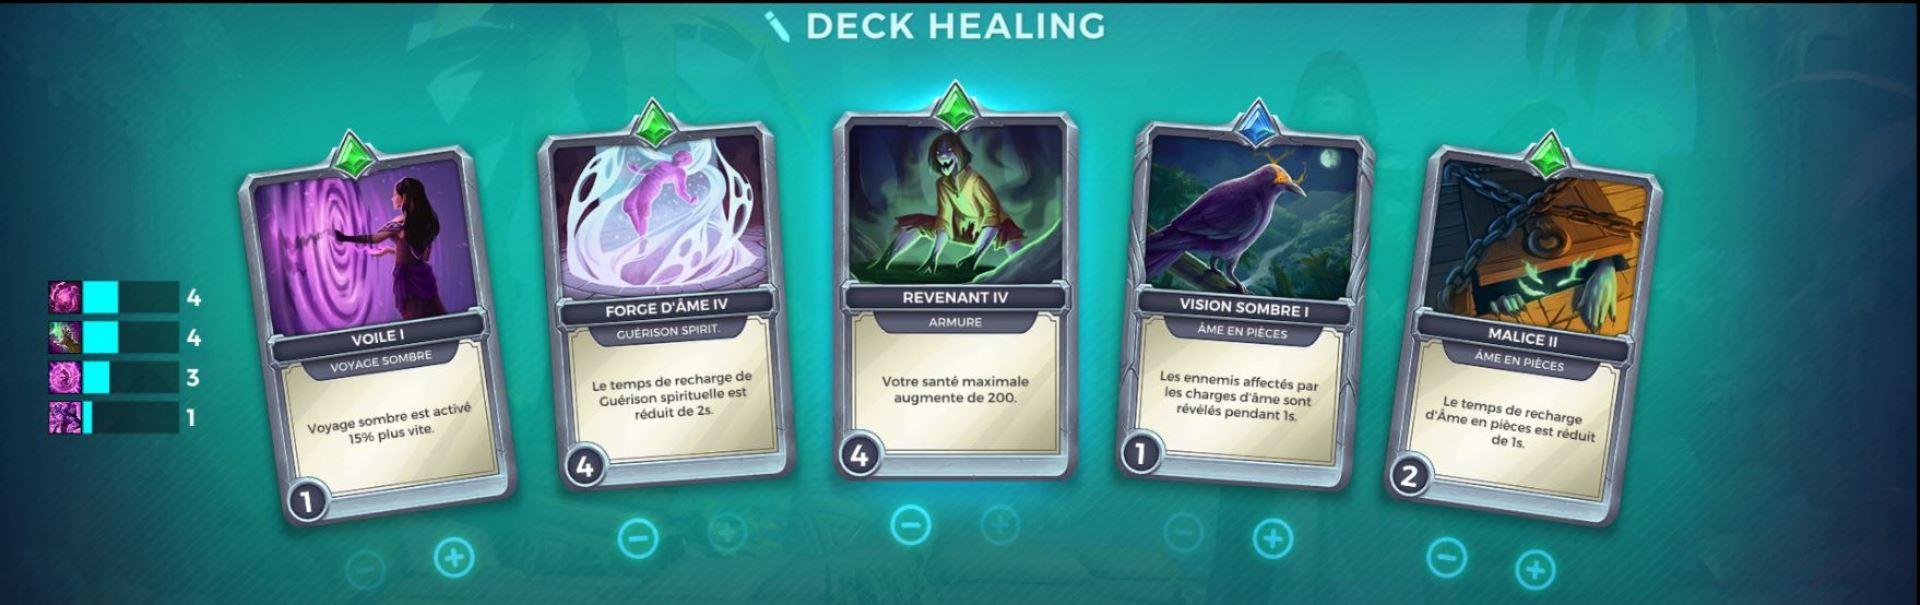 deck series francais